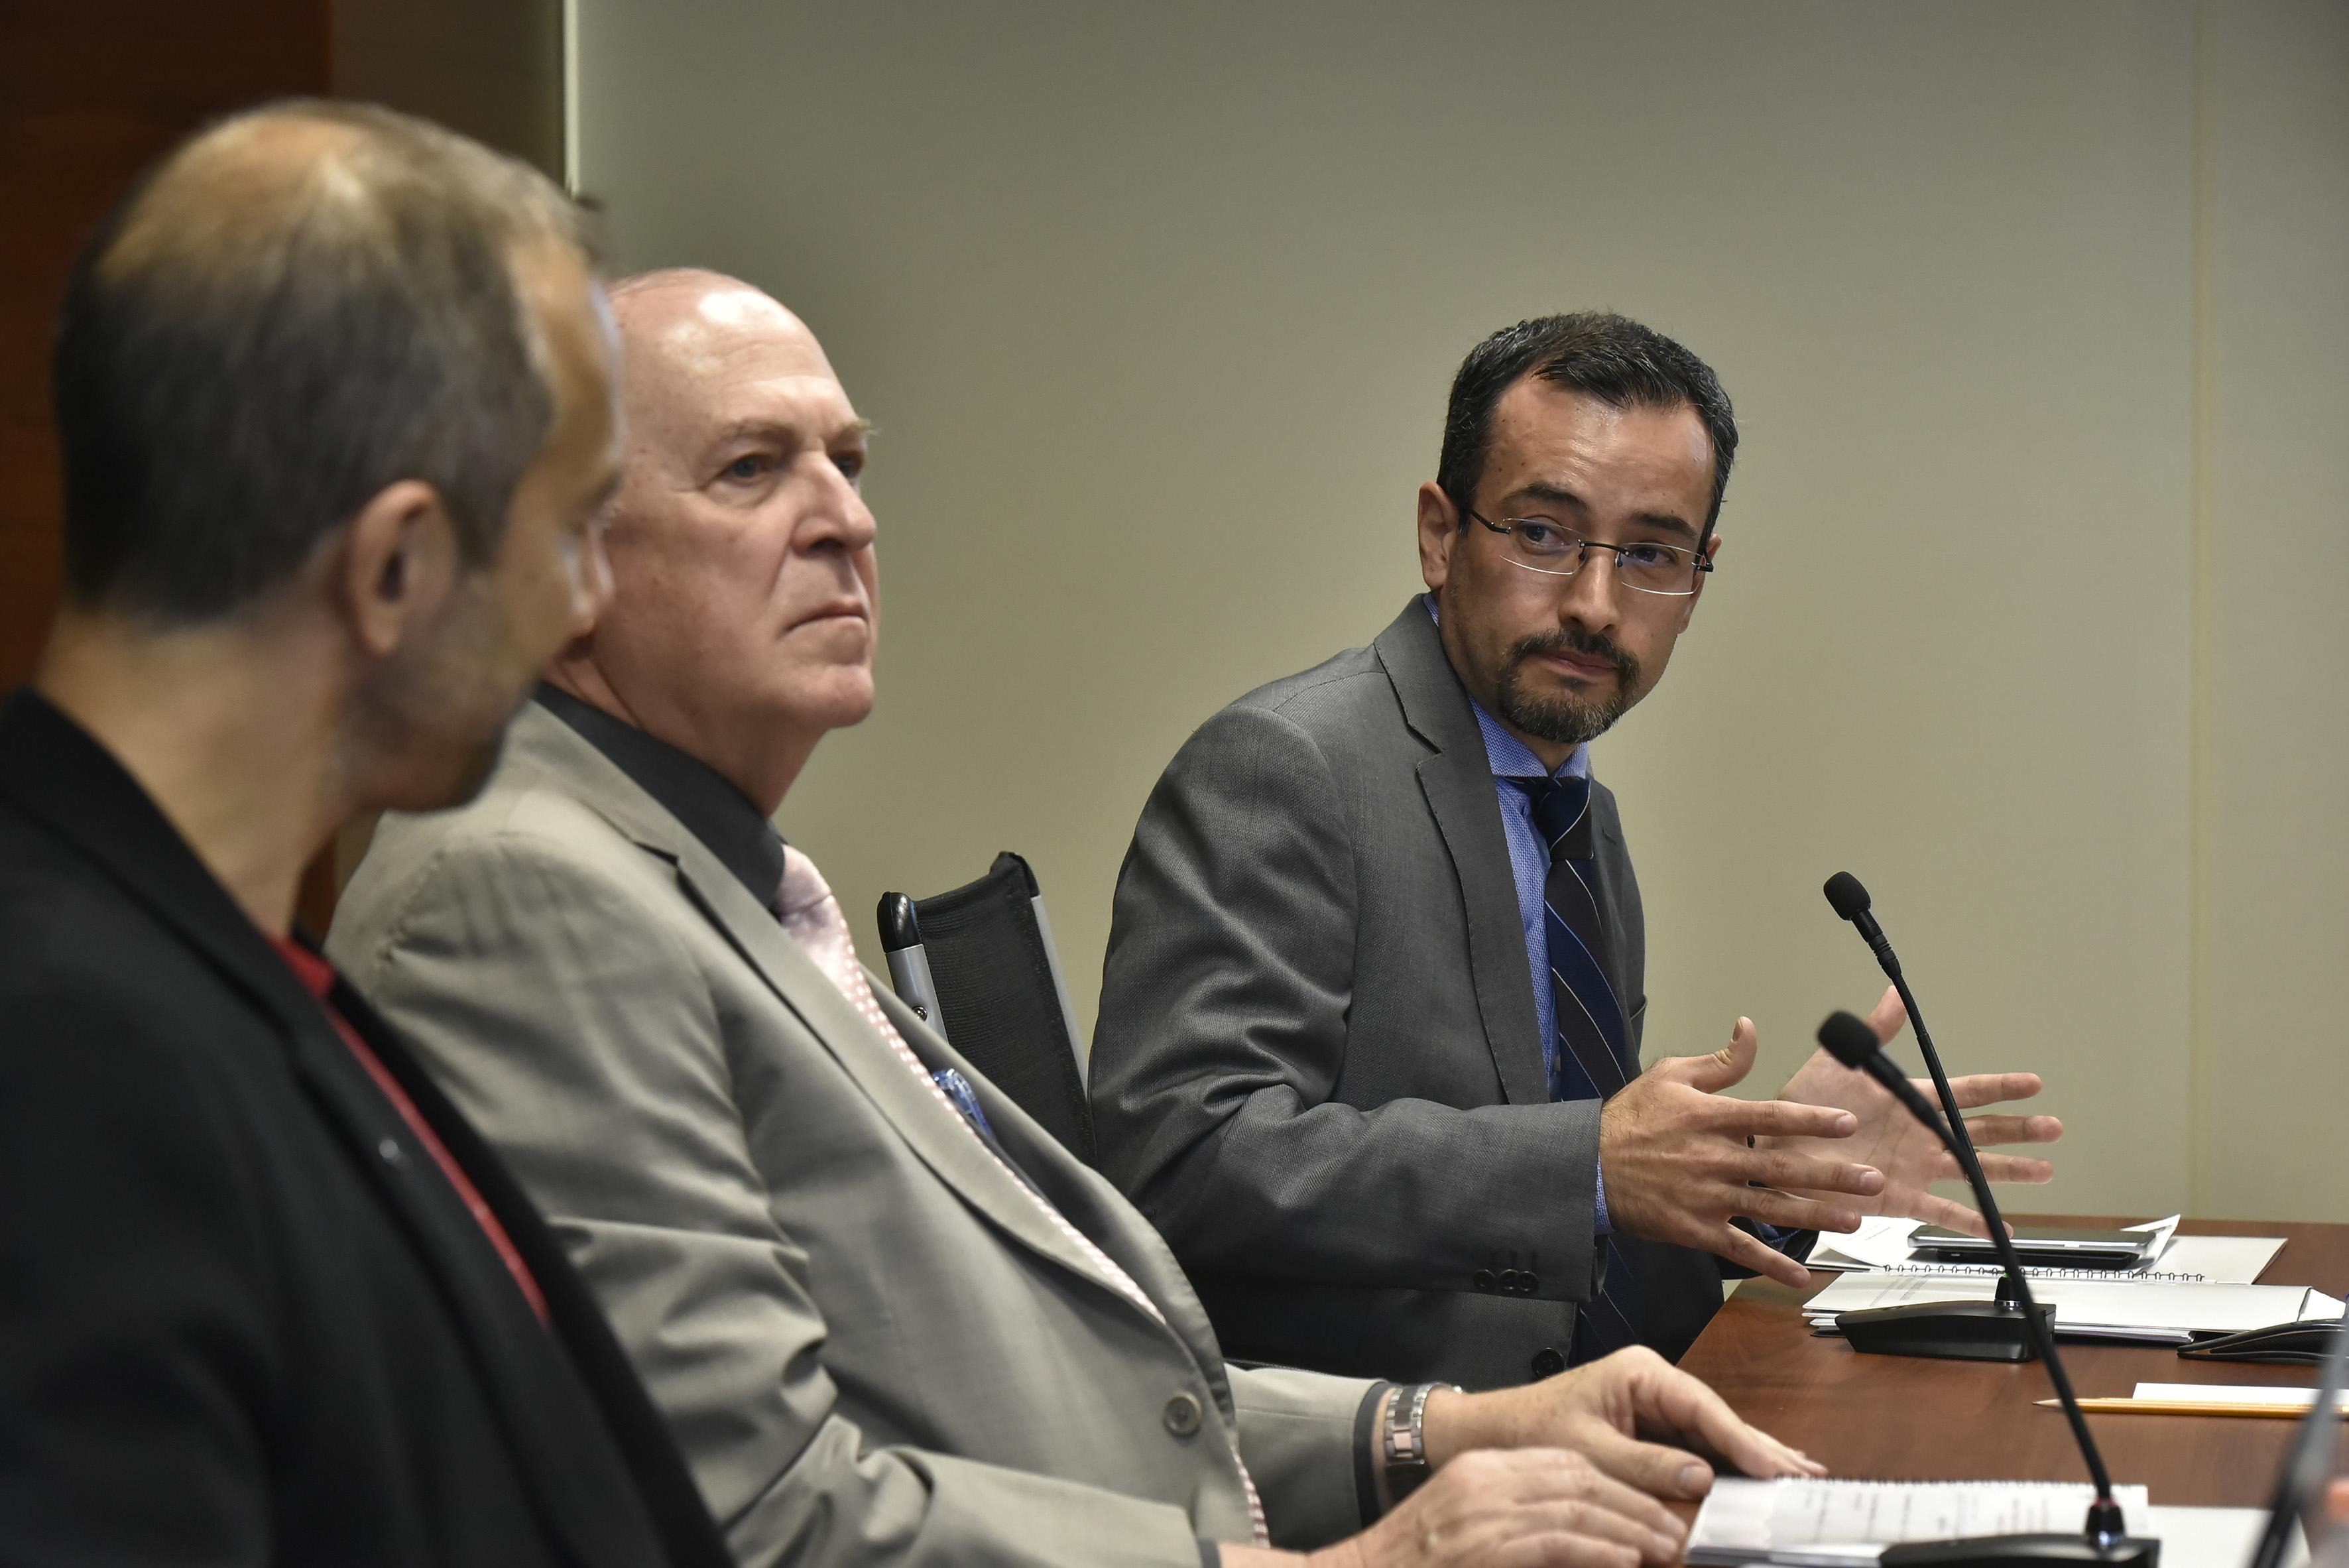 Doctor Carlos Iván Moreno Arellano, Coordinador General de Cooperación e Internacionalización de la Universidad de Guadalajara, frente al micrófono.